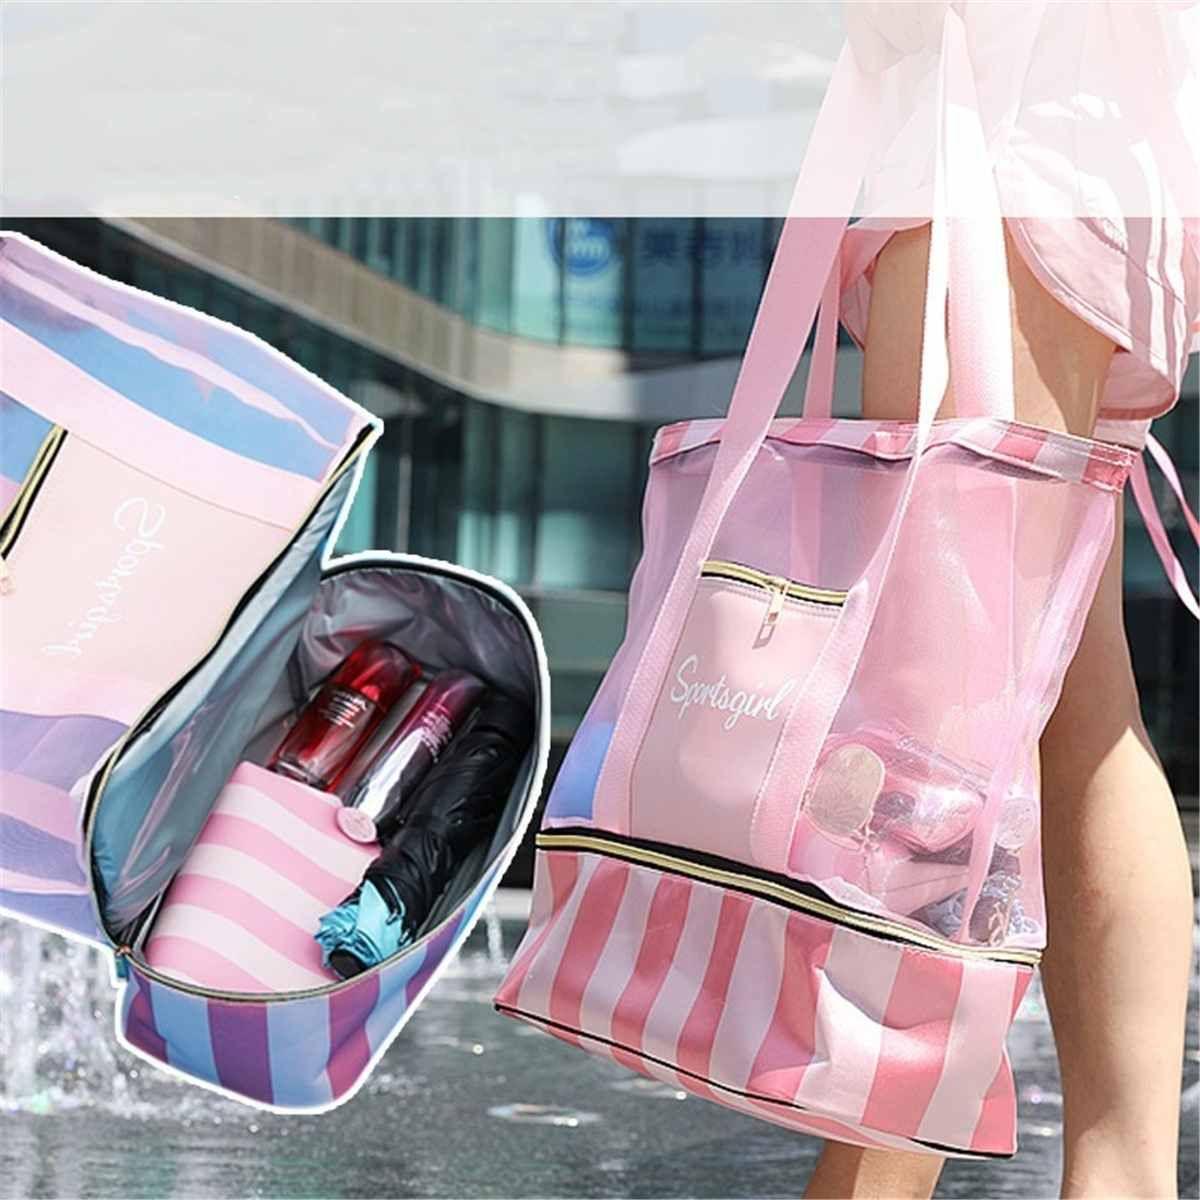 Imperméable à l'eau natation maille sac plage sacs à bandoulière sec humide sacs à main séparés pour les femmes grand fourre-tout poignée sac Yoga stockage paquet